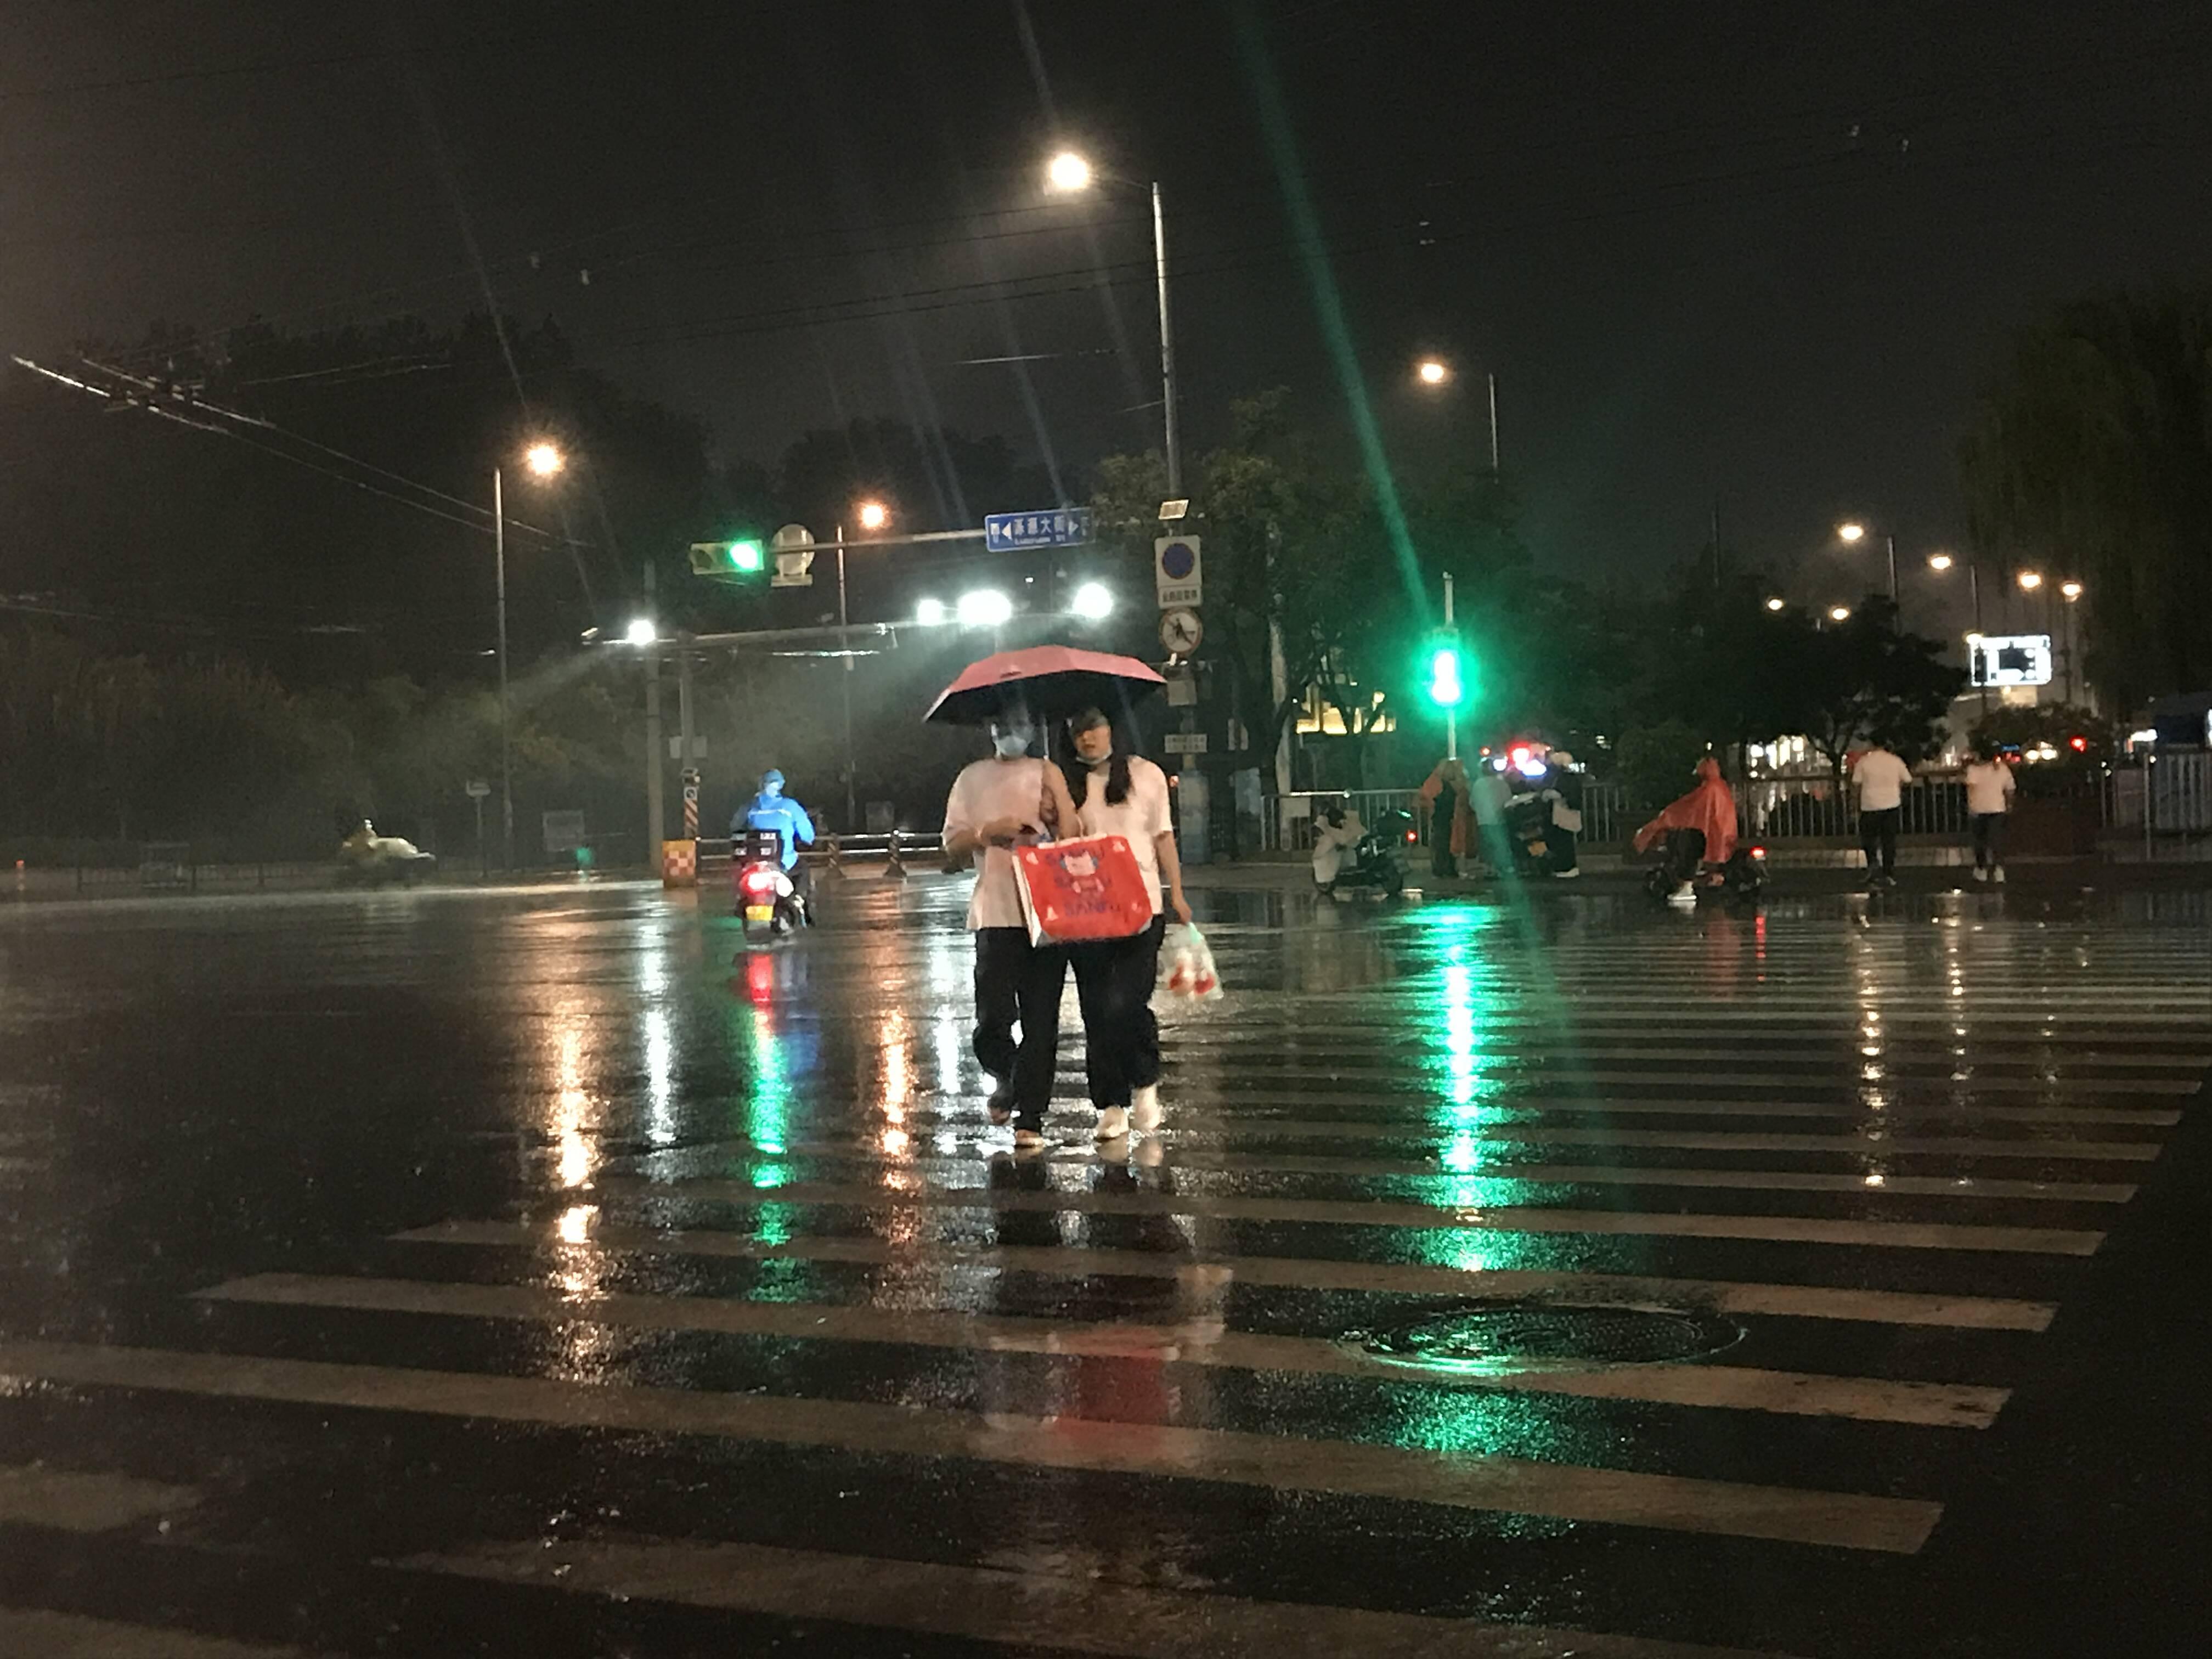 菏泽、郓城、东明等局地降下暴雨!鲁中、鲁南今天有大雨局部暴雨或大暴雨